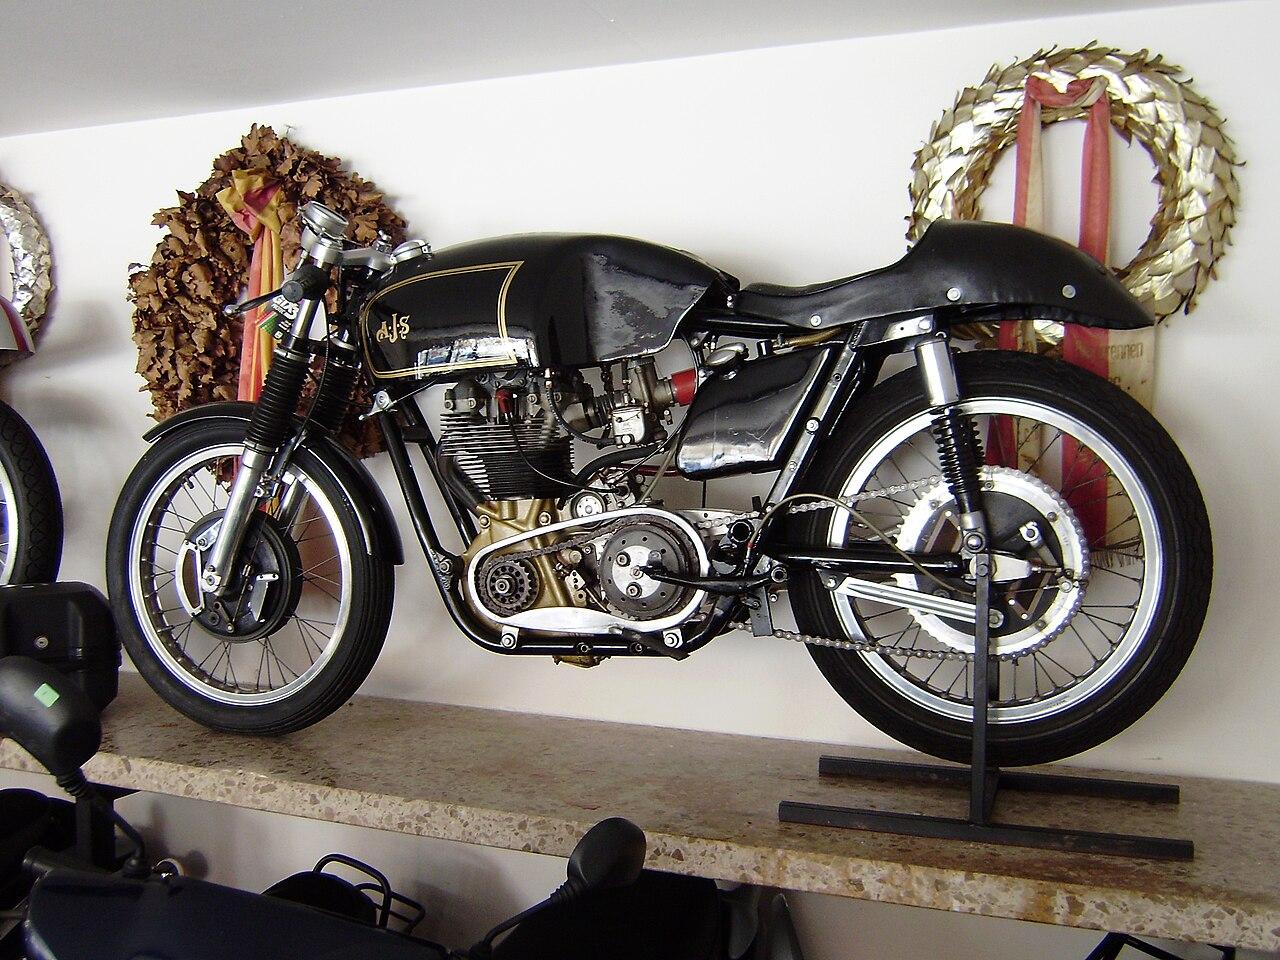 Yamaha Motorcycles London